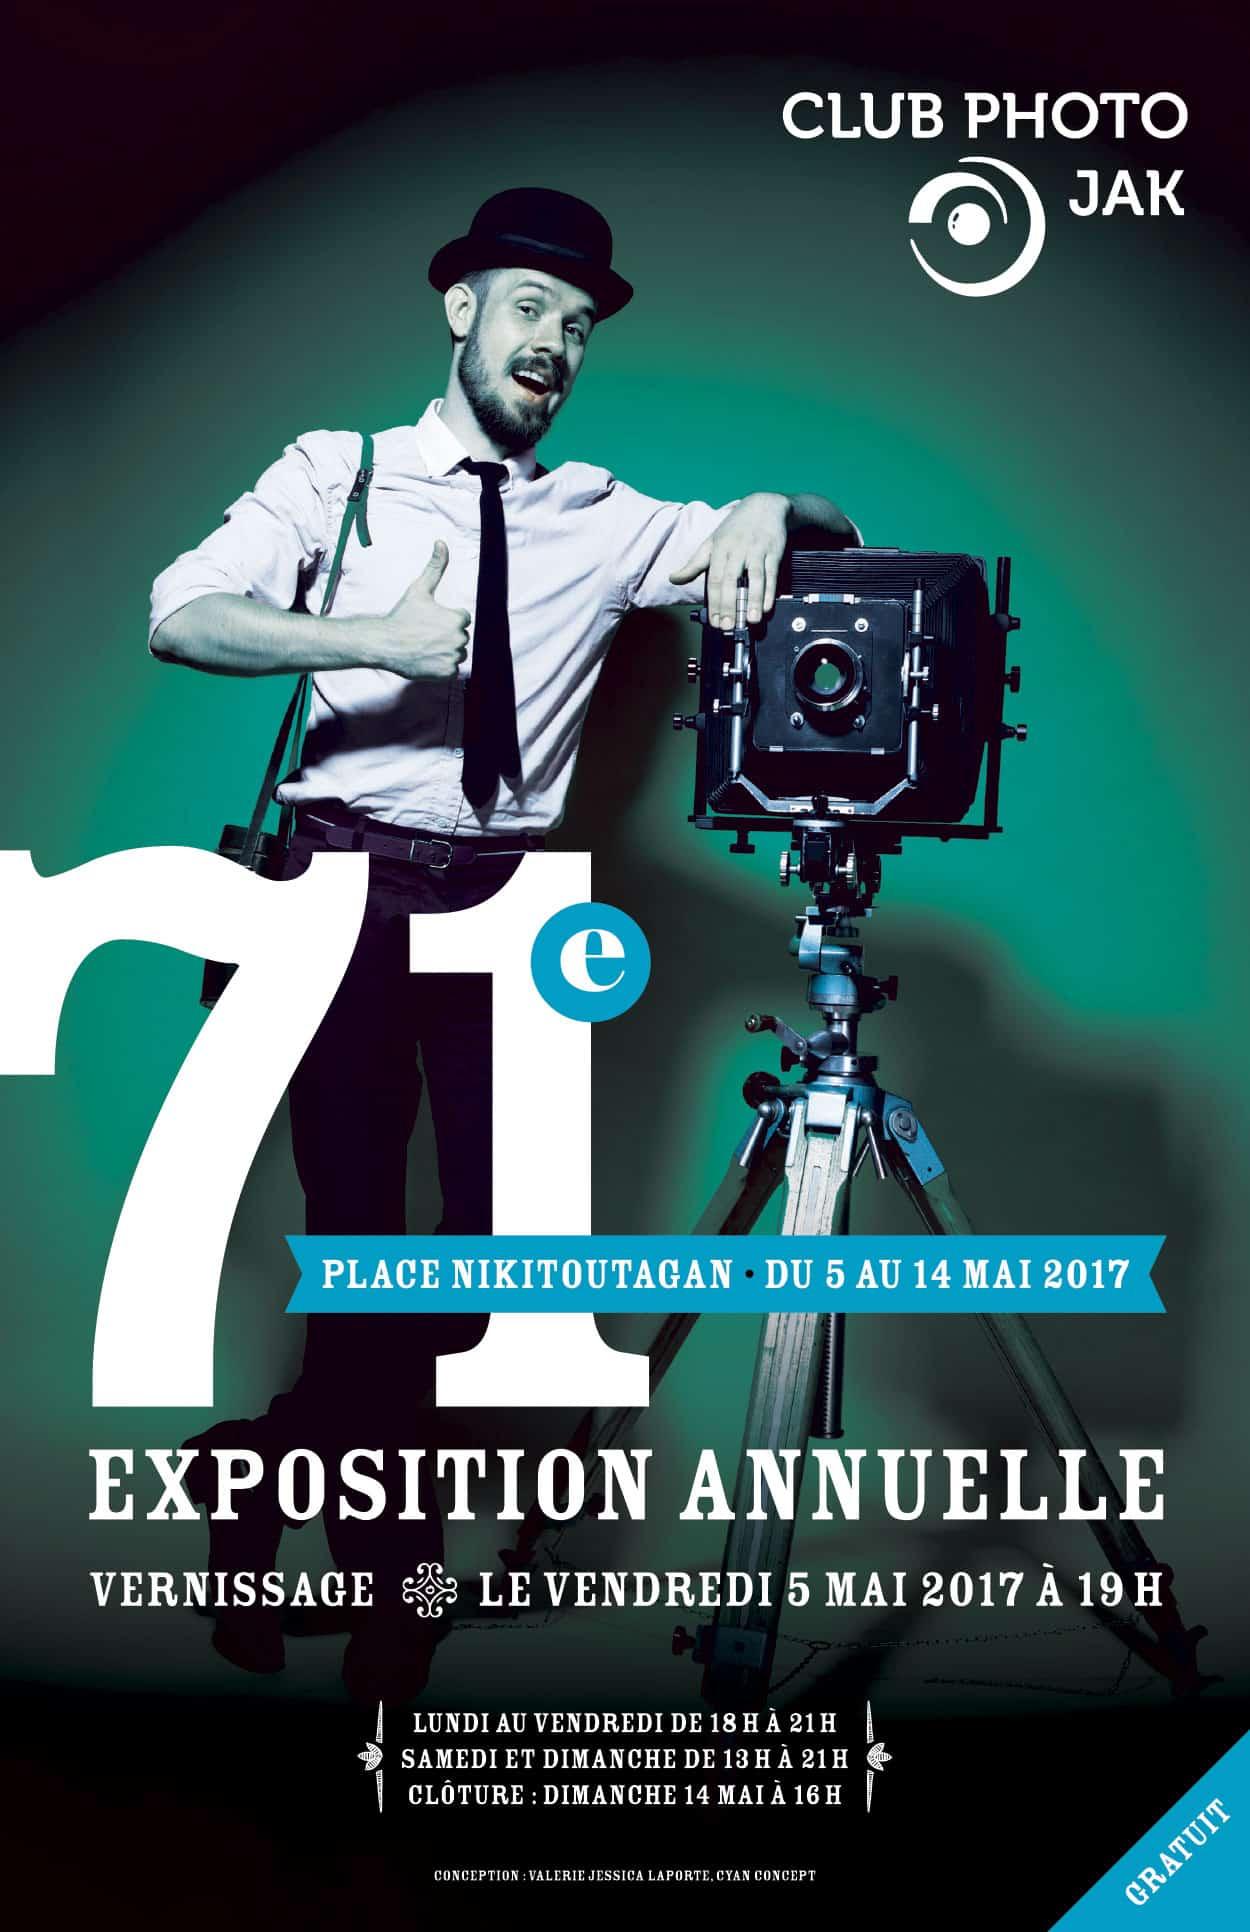 Affiche pour la 71e exposition annuelle